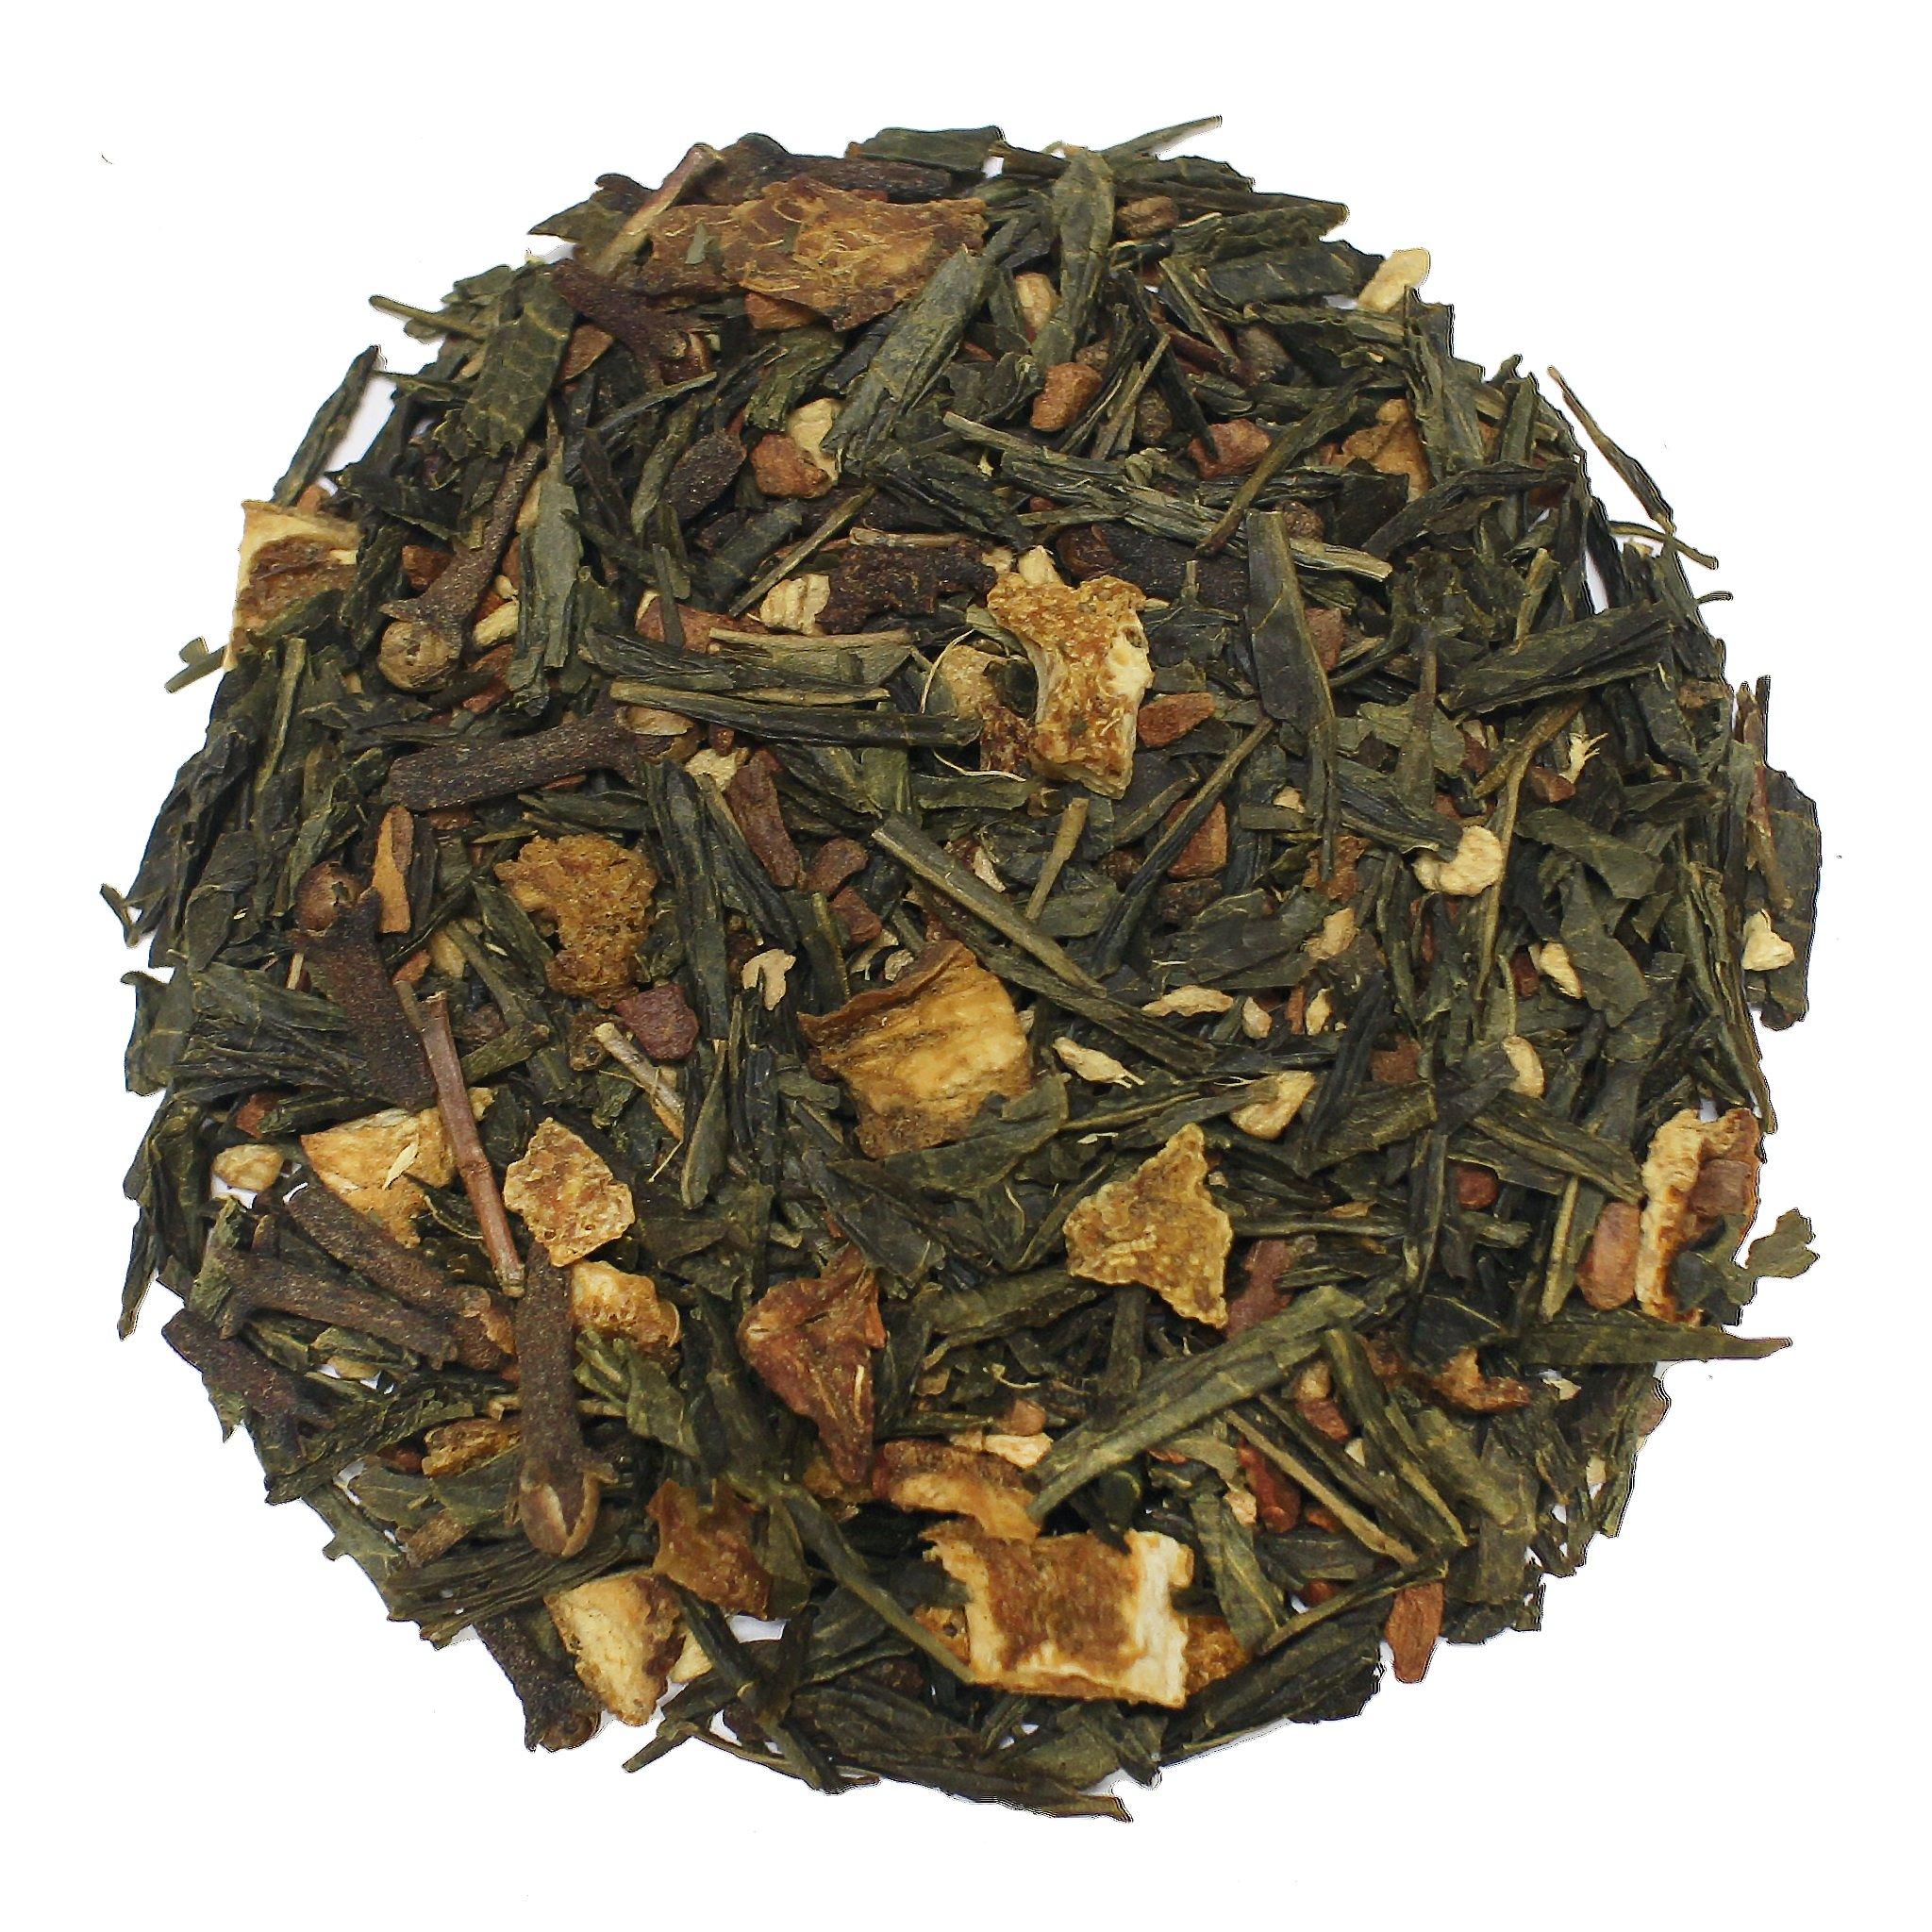 The Tea Farm - Spiced Green Fruit Tea - Loose Leaf Green Tea (16 Ounce Bag) by The Tea Farm